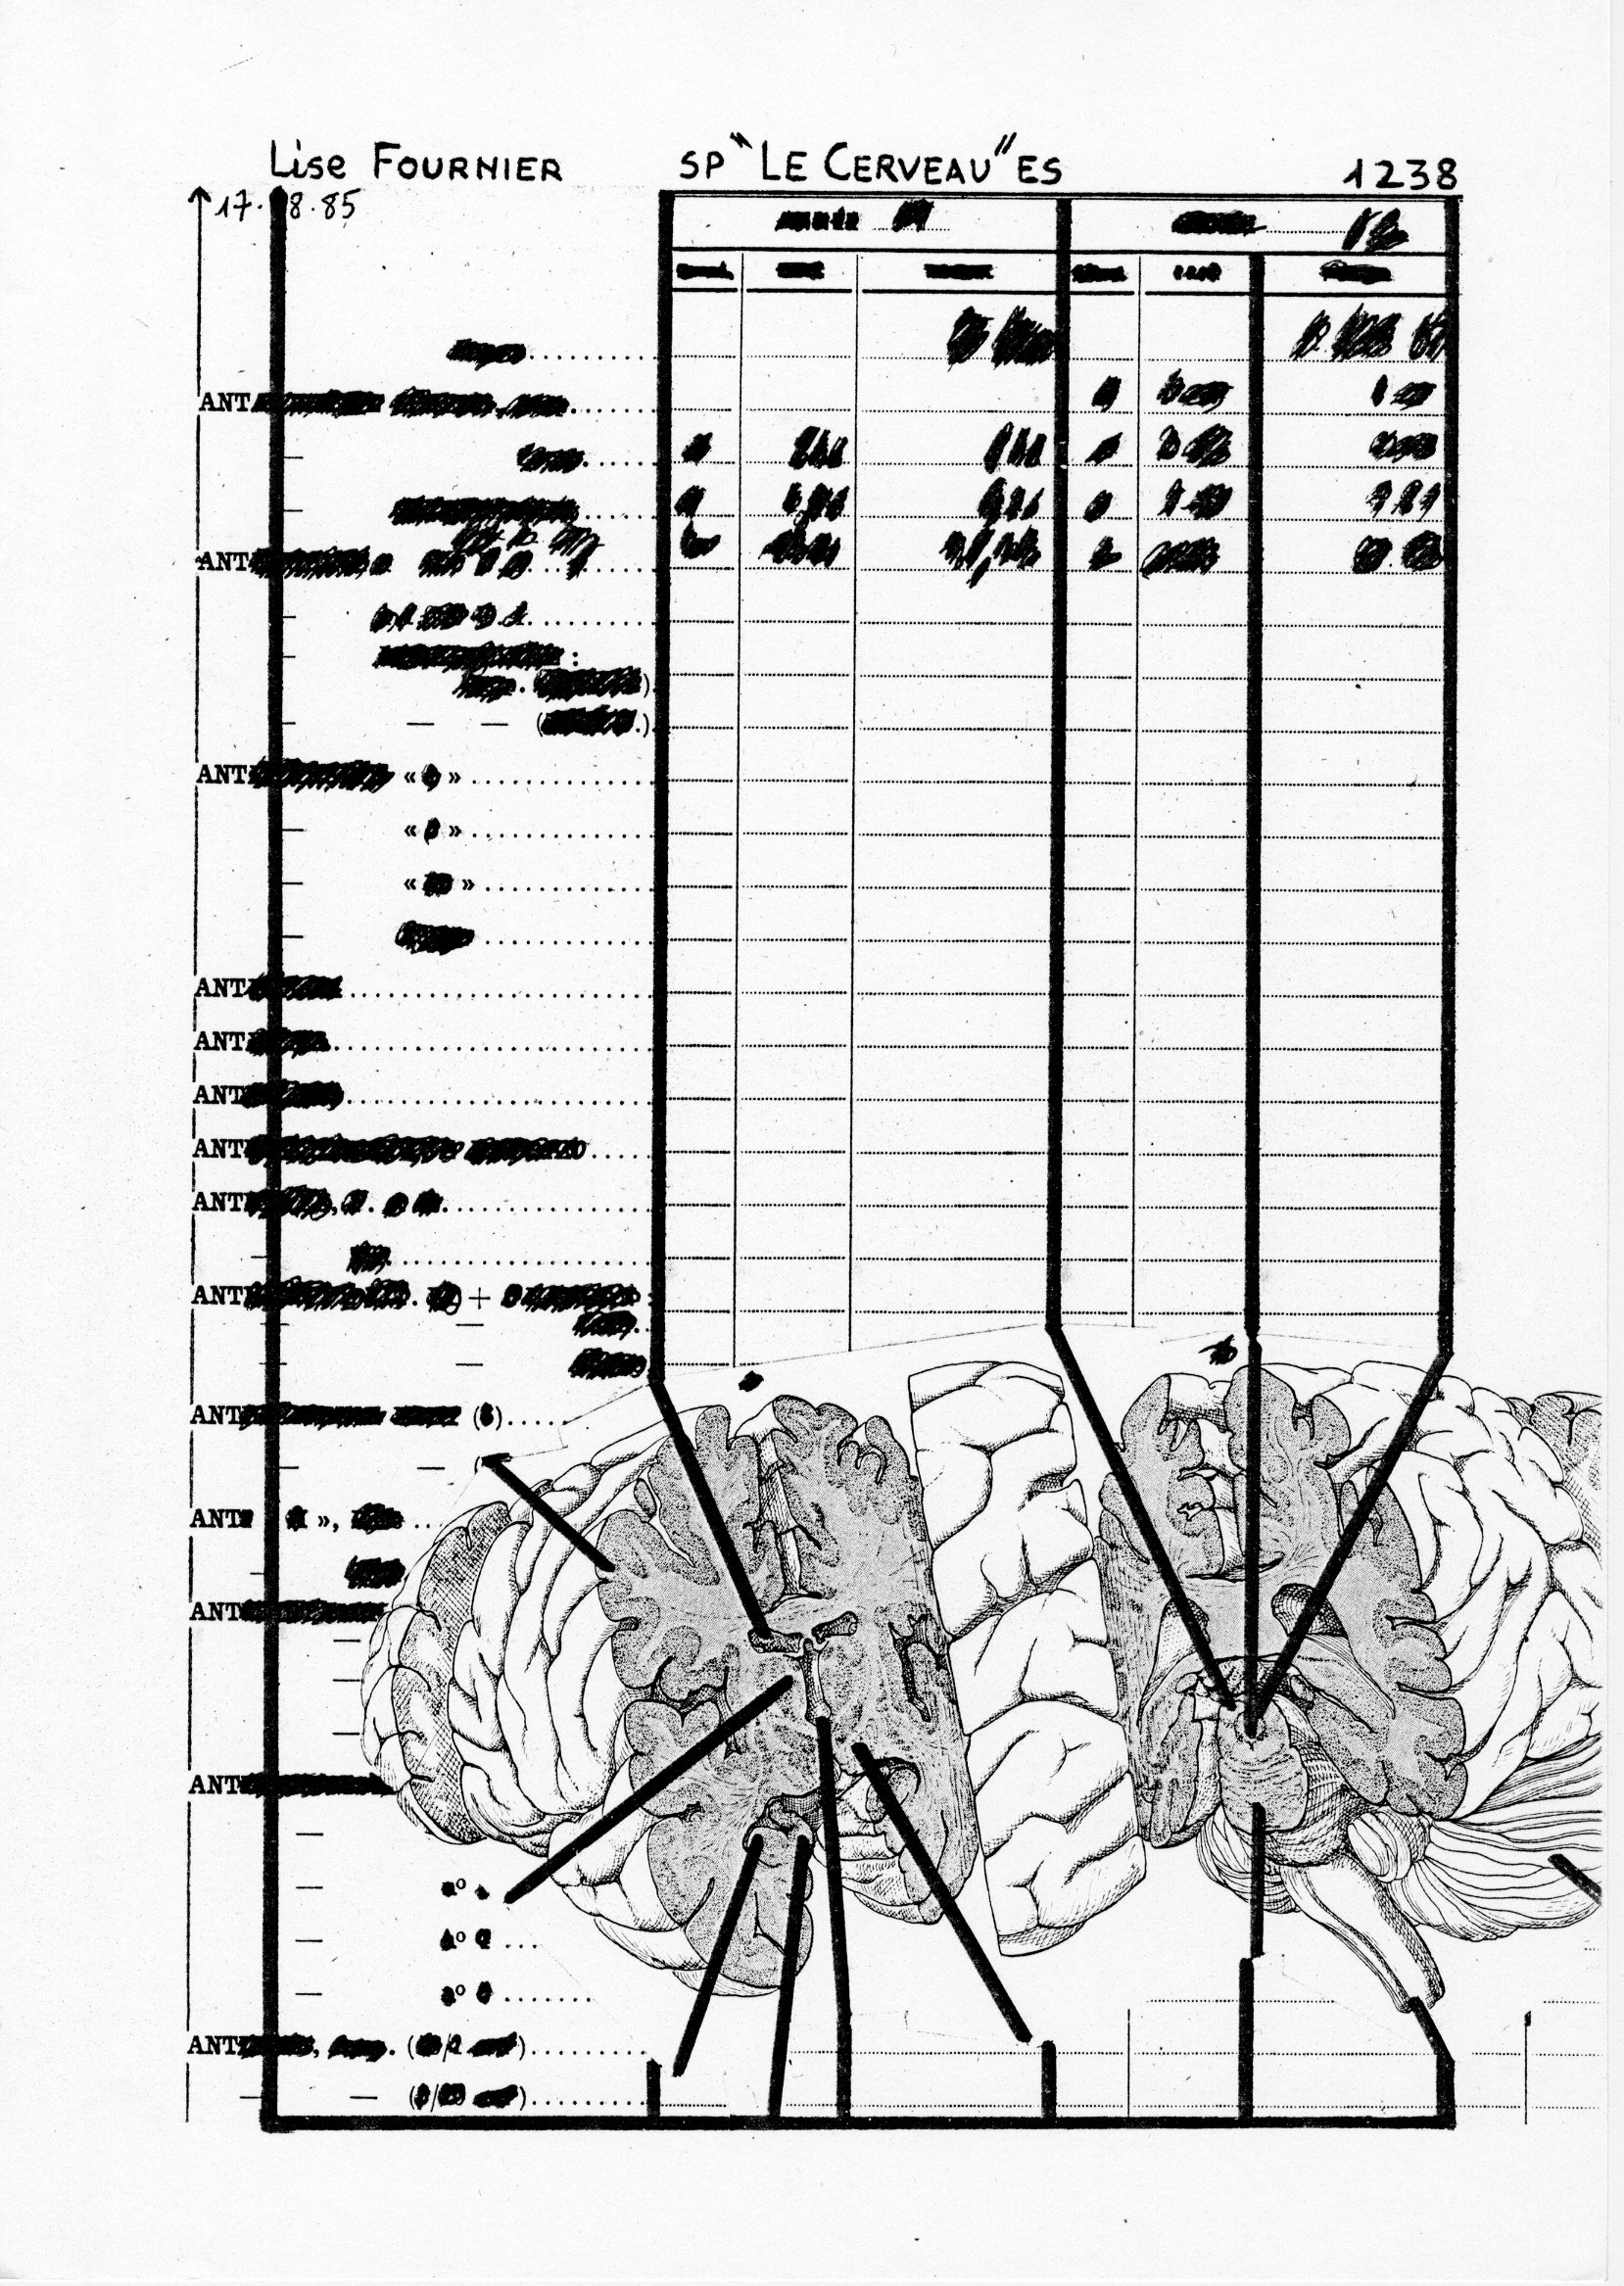 page 1238 L. Fournier SP -LE CERVEAU- ES